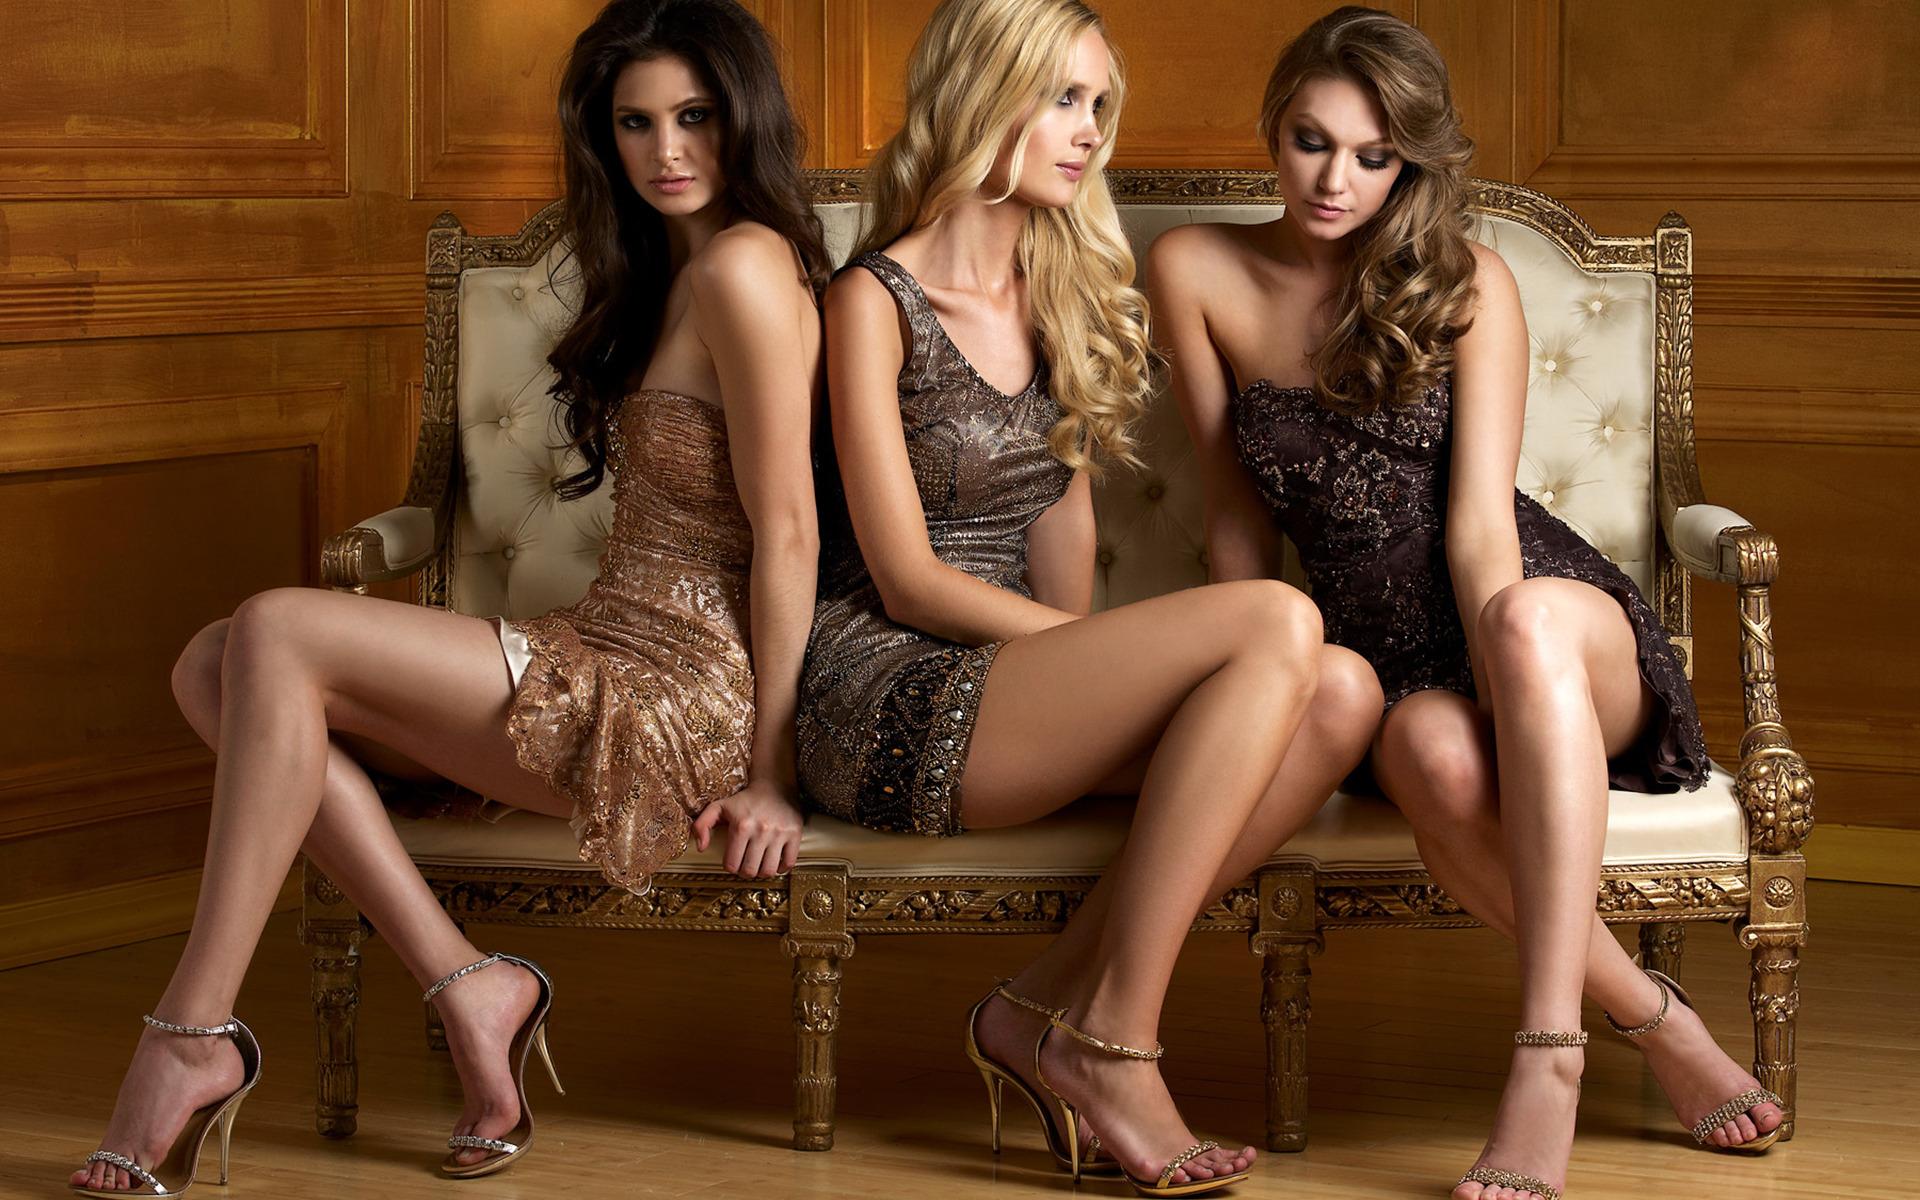 С двумя русскими девушками, С двумя русскими девушками так приятно устраивать 16 фотография